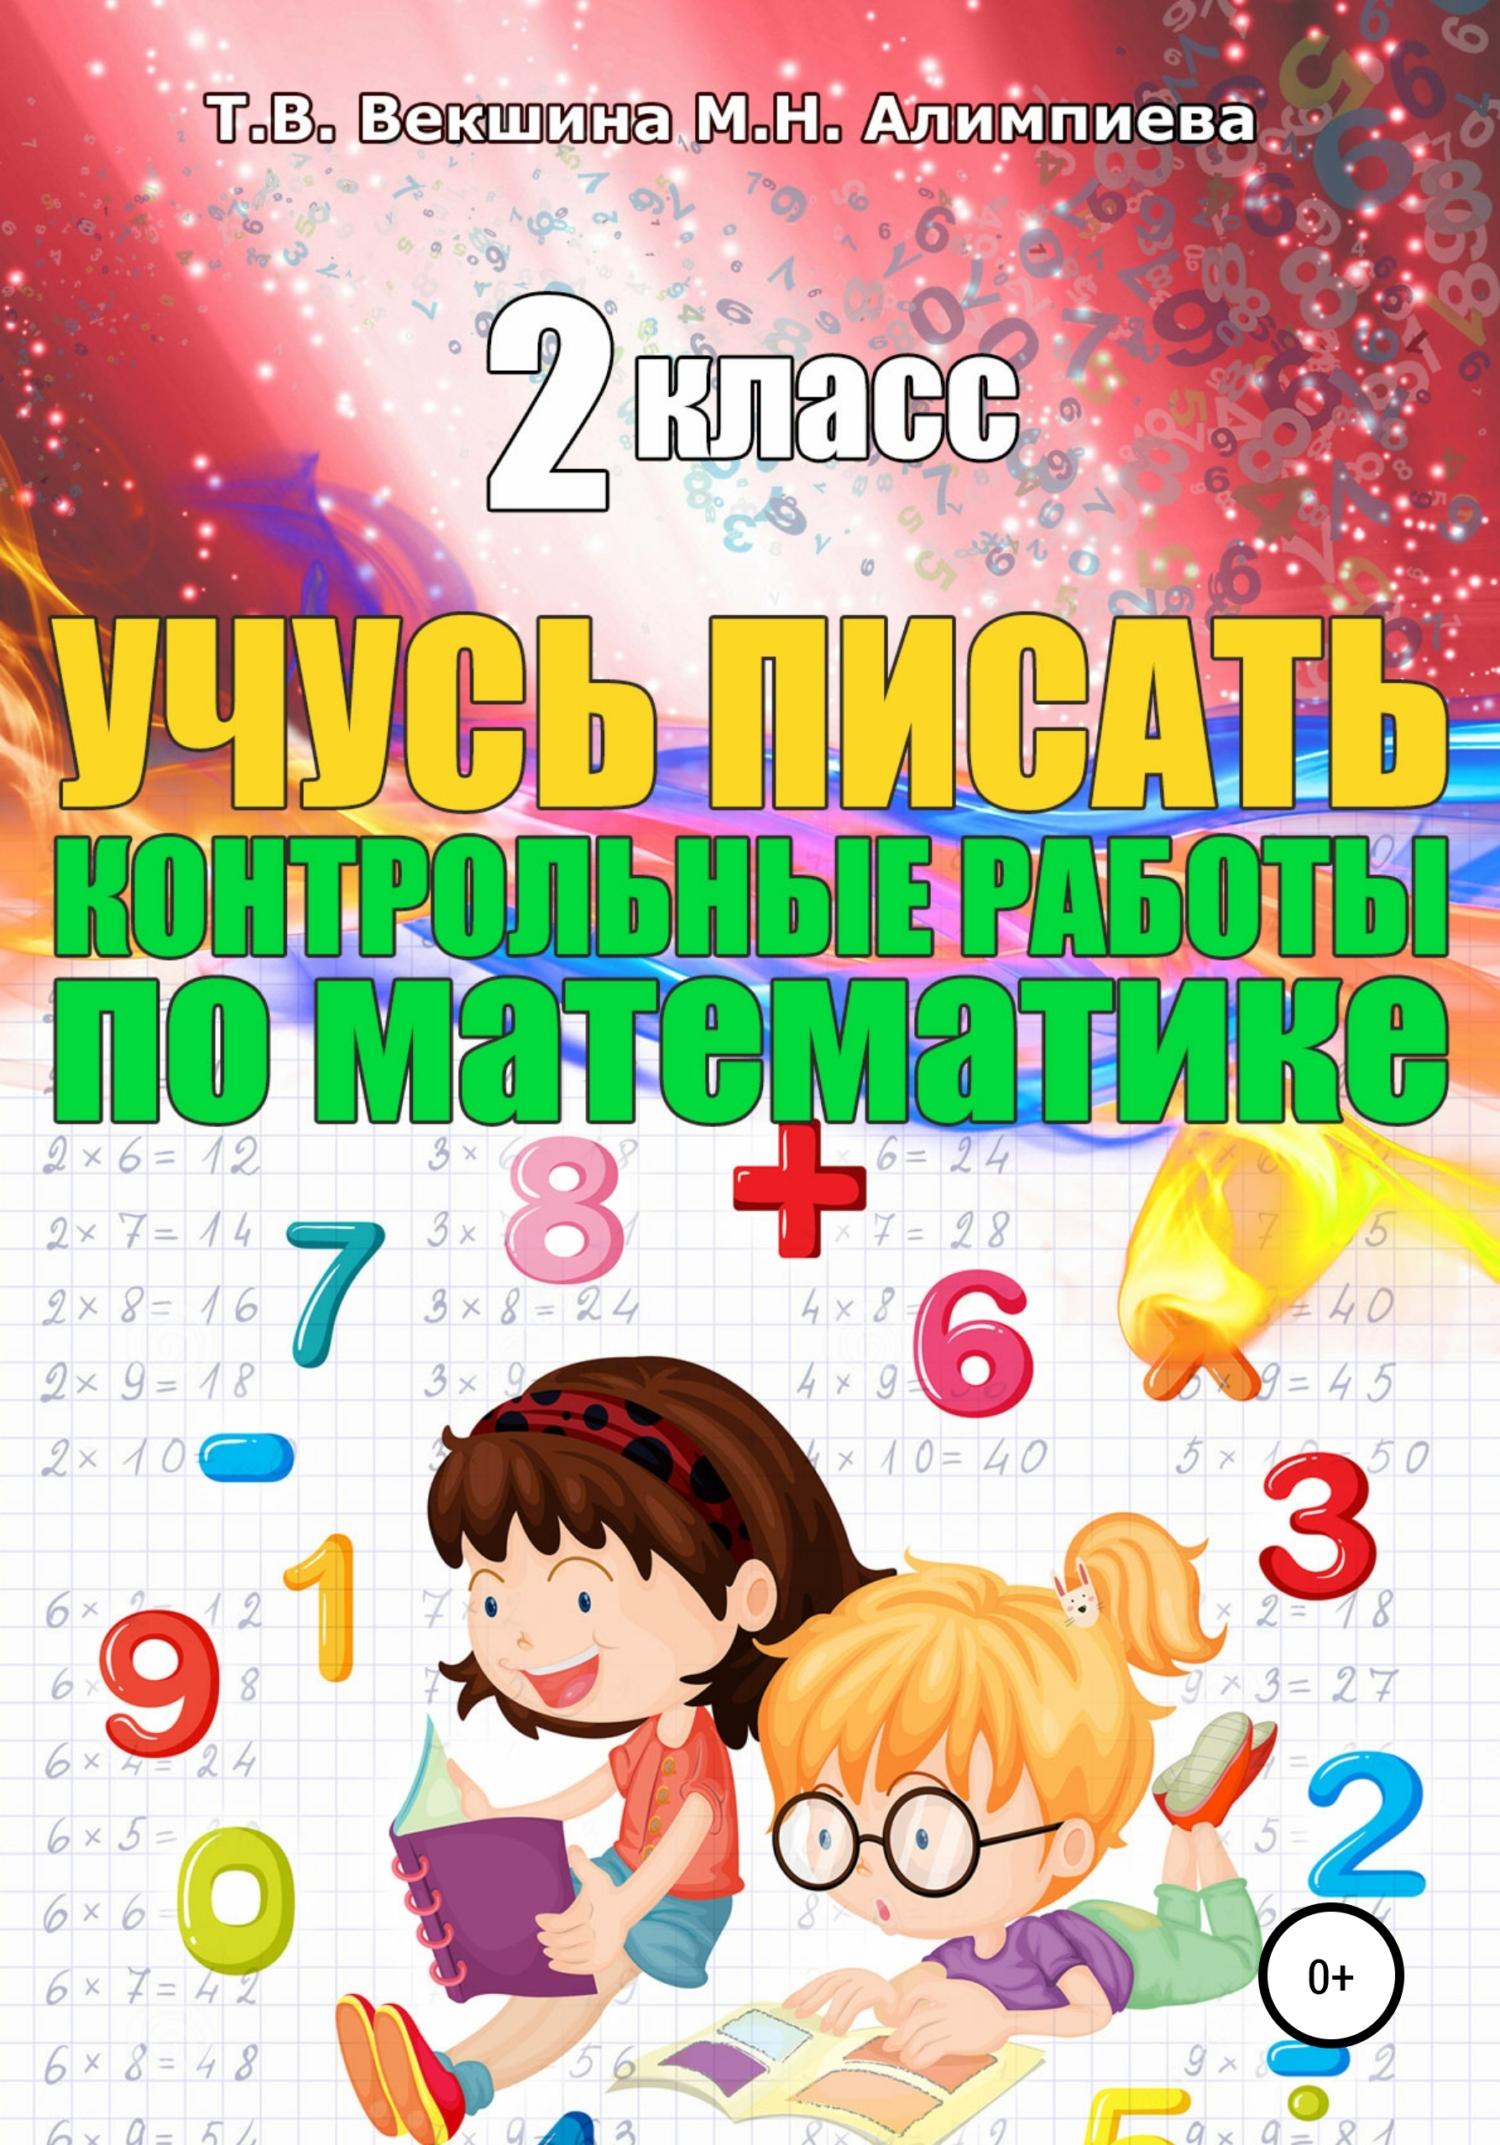 Учусь писать контрольные работы по математике. 2 класс ( М. Н. Алимпиева  )